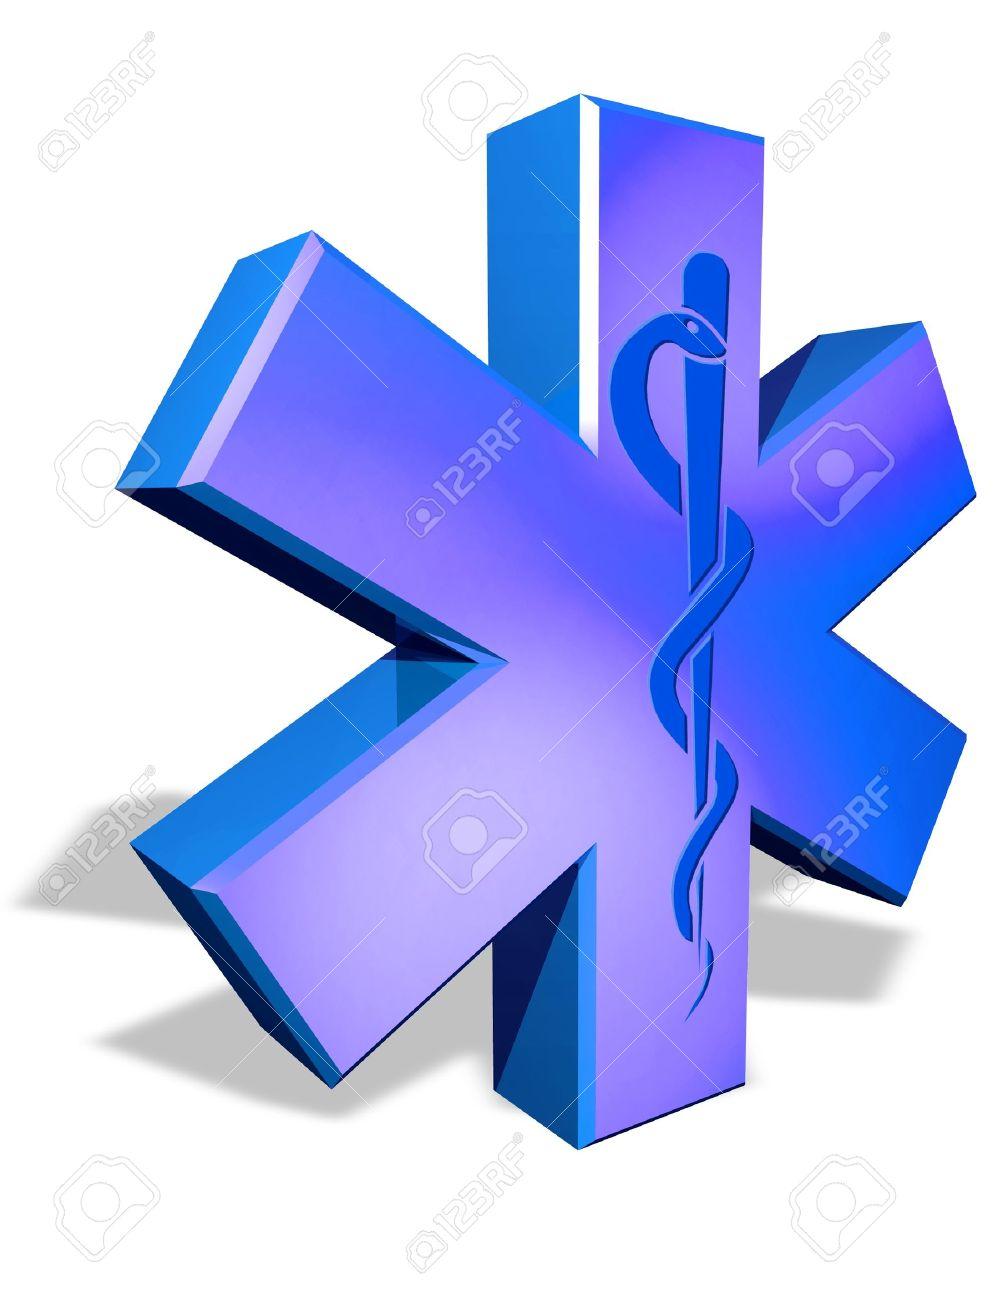 Medical cross symbol with Caduceus snake - 11697151